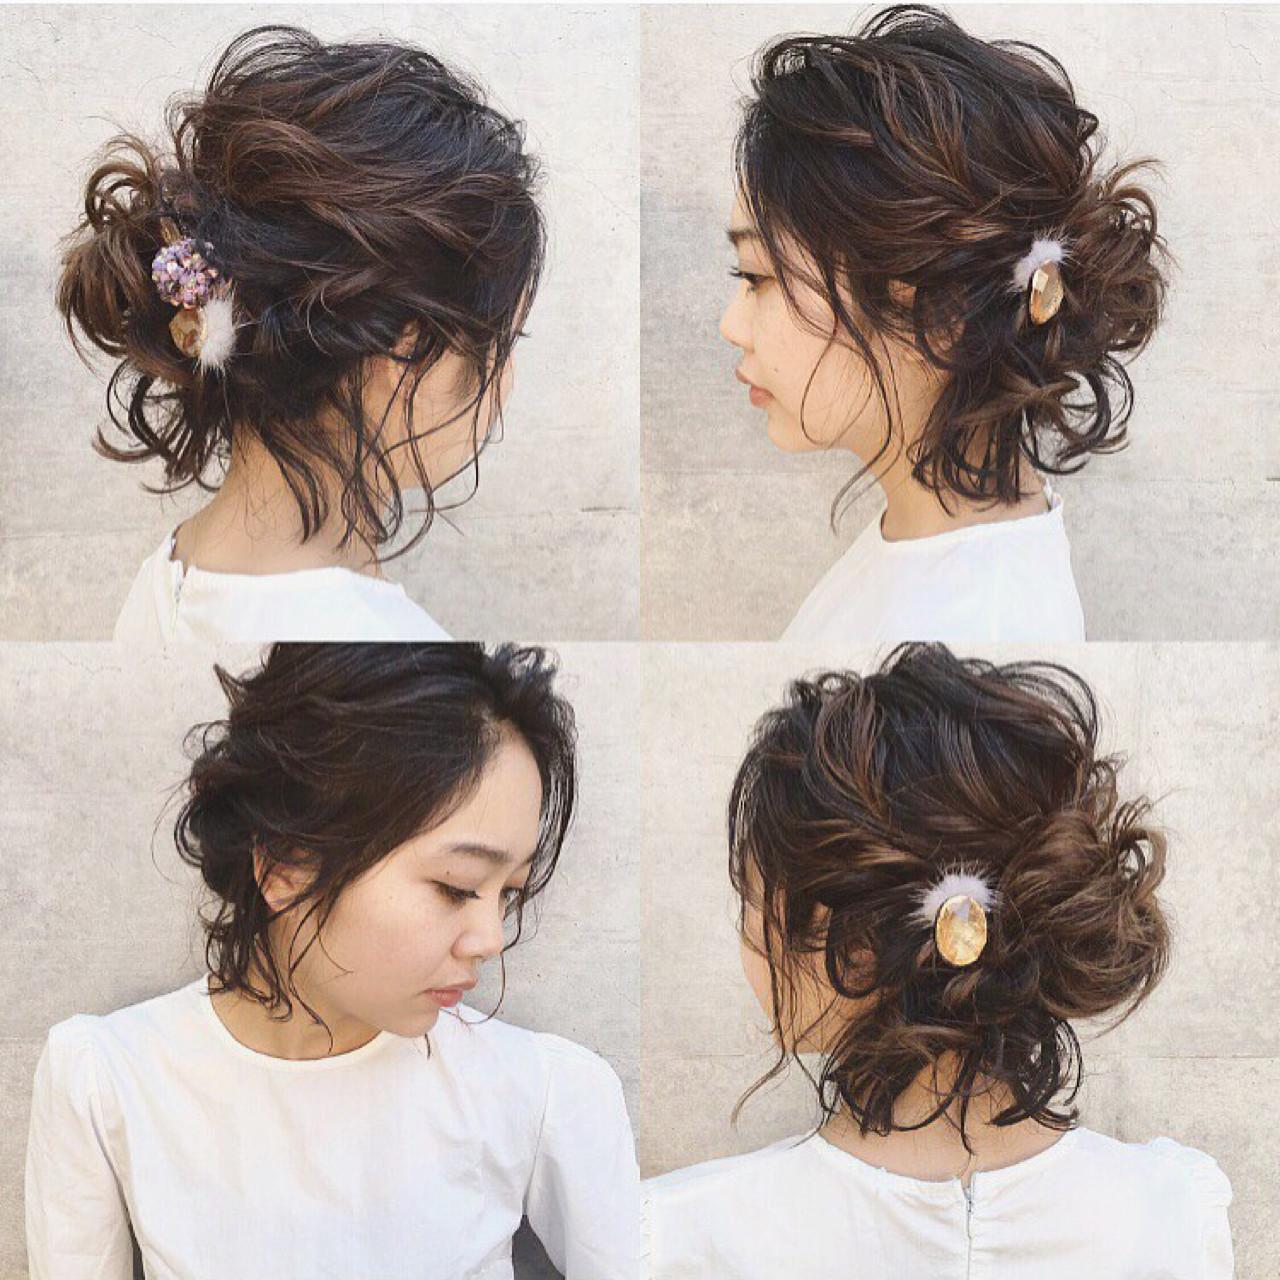 おでこスッキリ華やか!前髪ポンパドールの作り方♪短い前髪でも作れます tomoya tamada | Freelance_hairartist